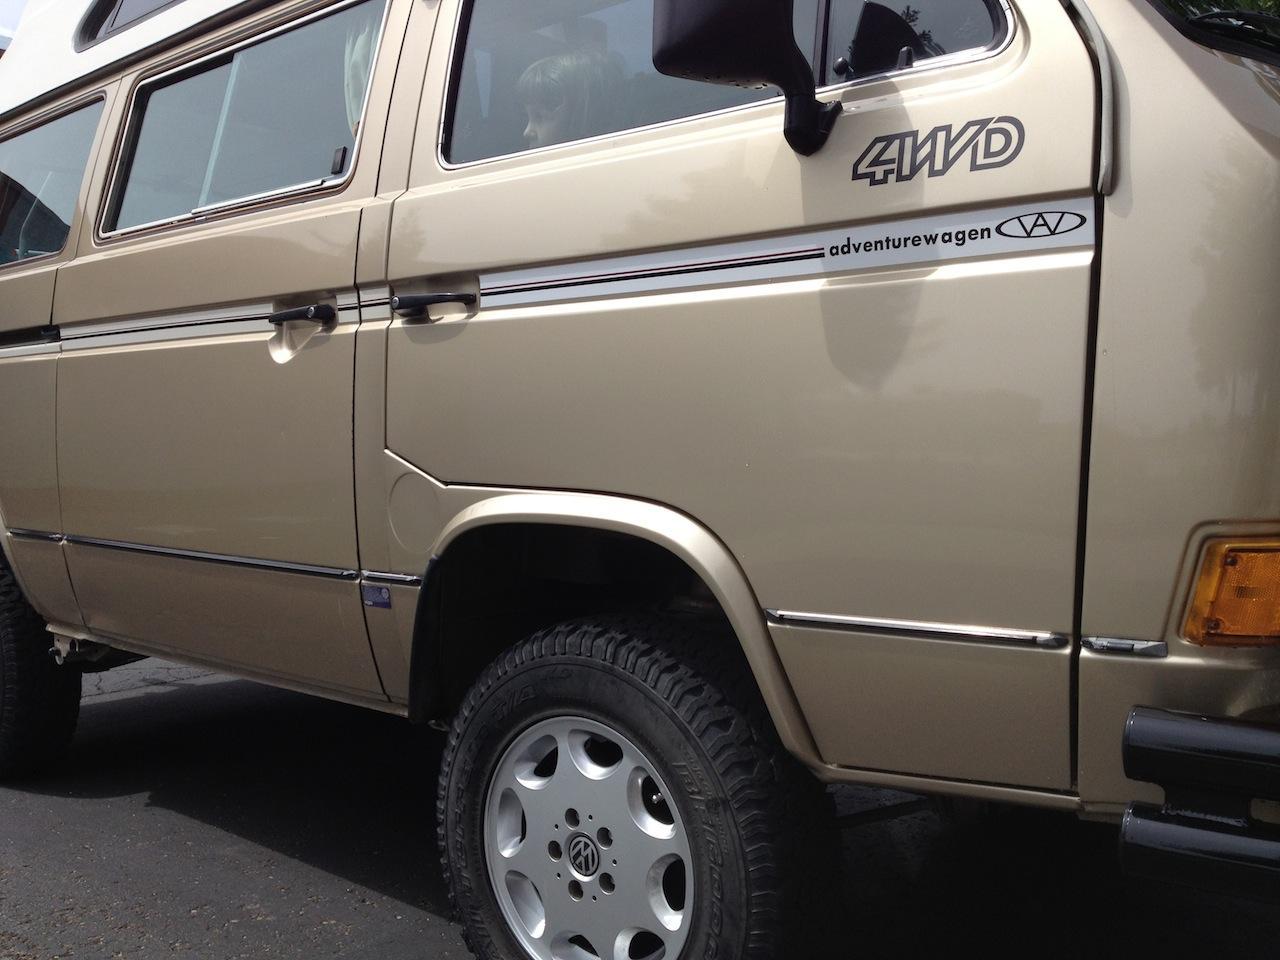 Fixed Adventurewagen door